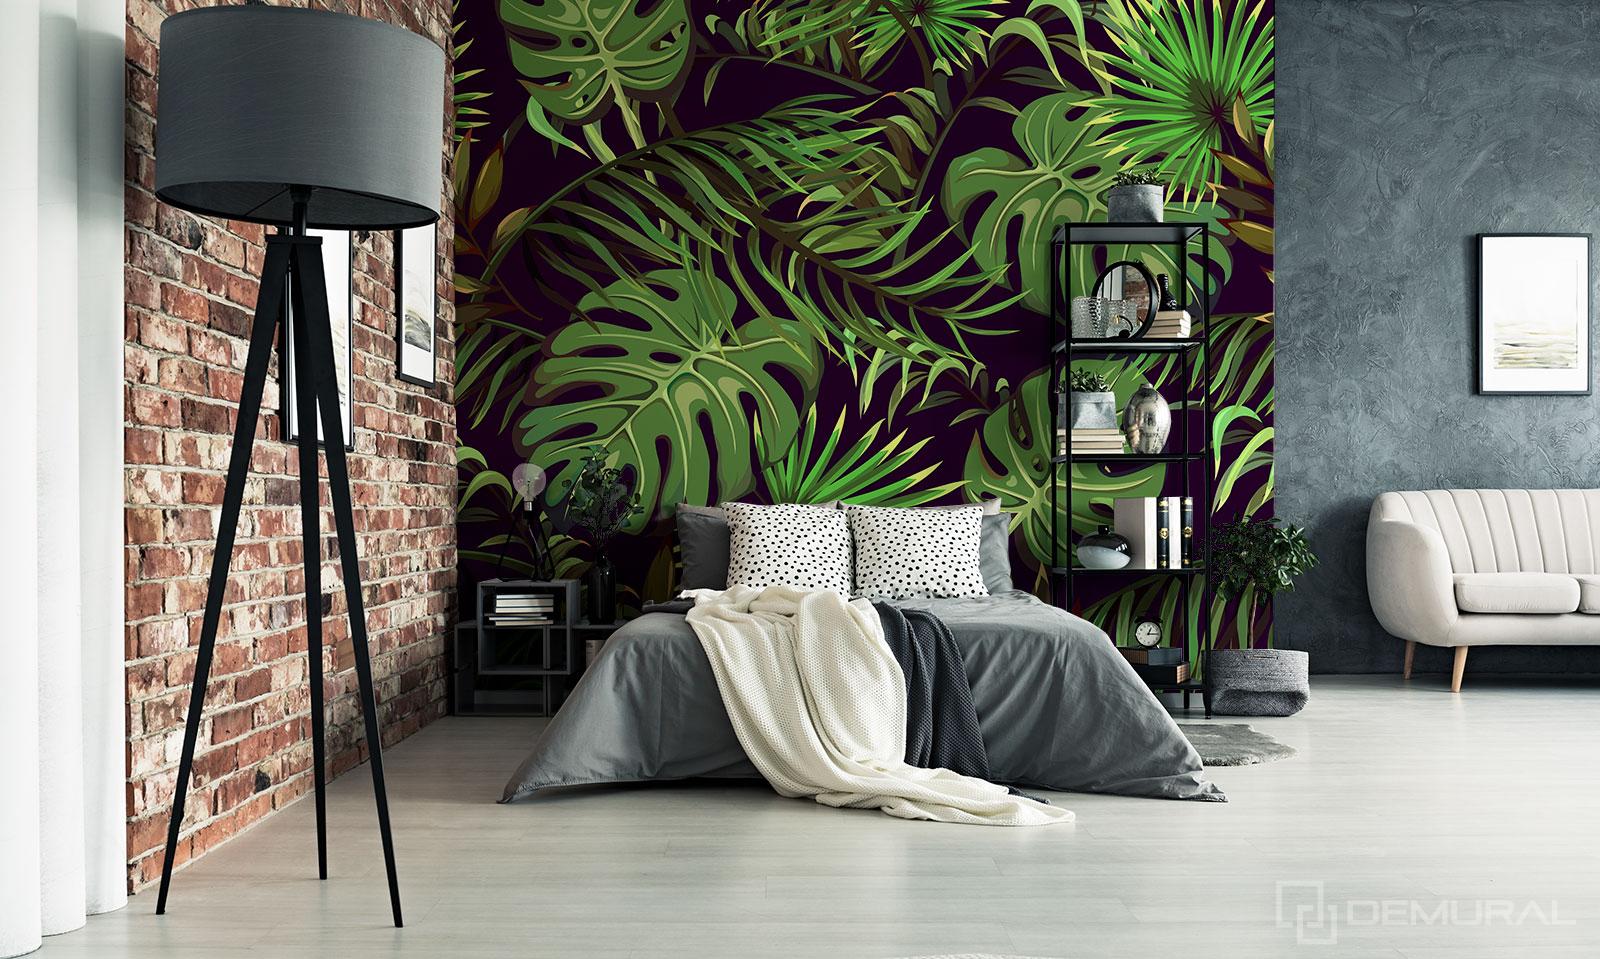 Fototapete ein geheimnisvoller Garten - tropischen Blätter - Demural